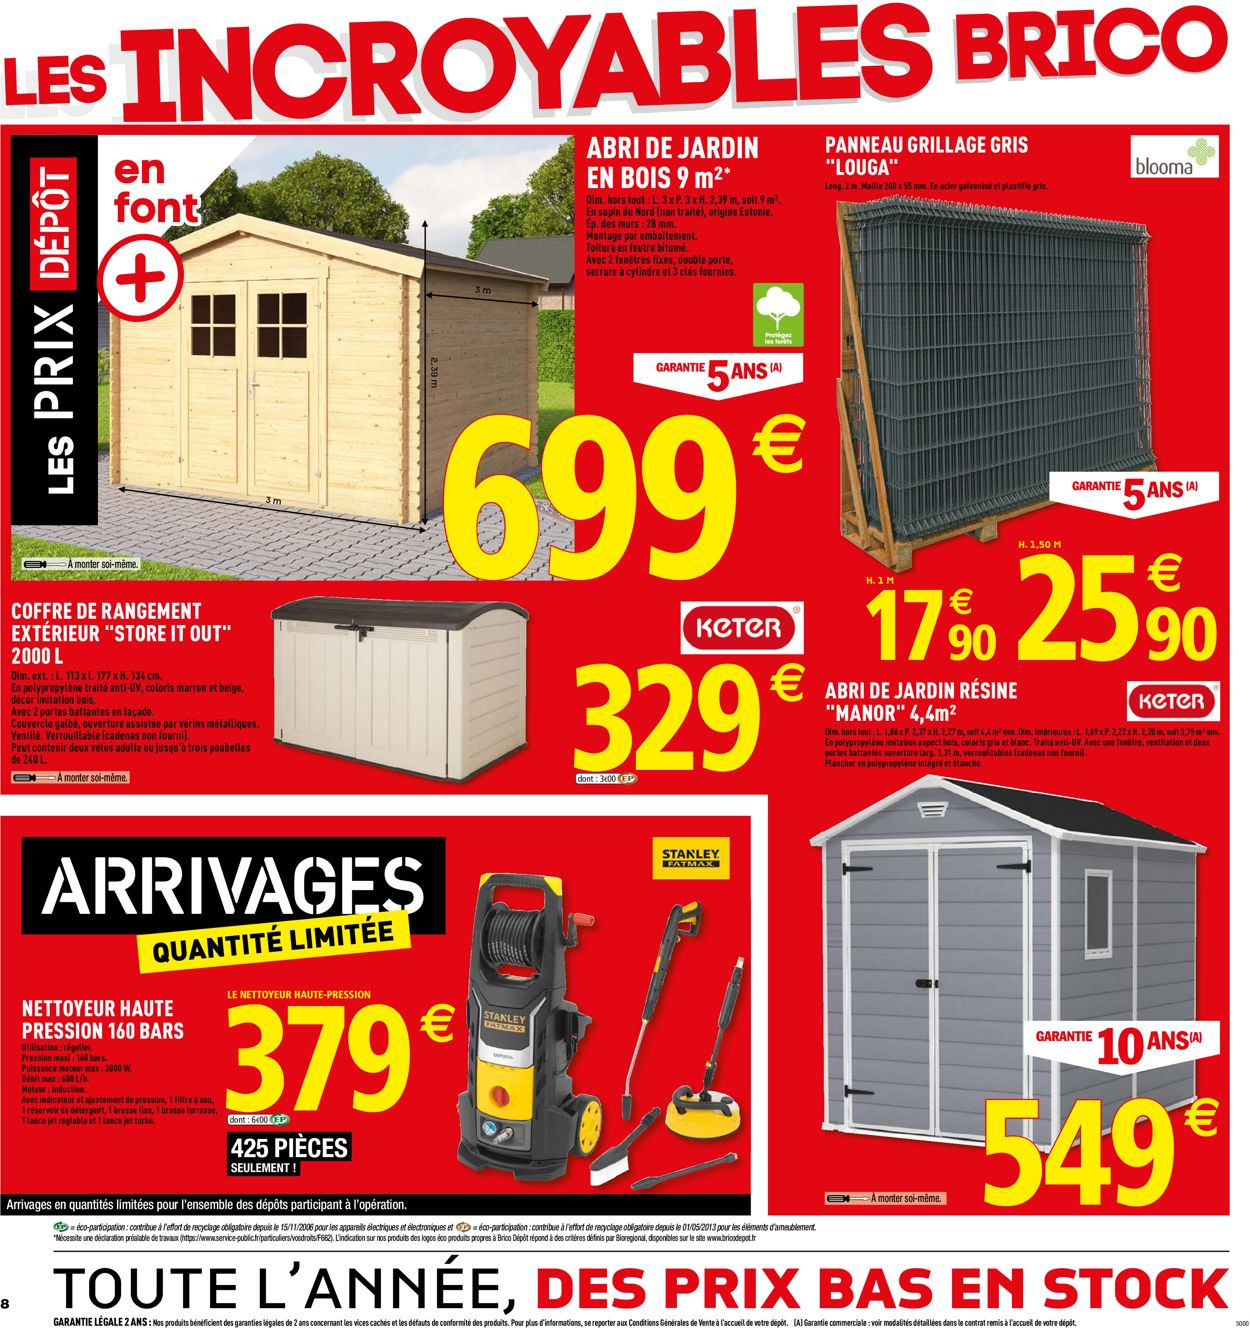 زاوية الدماغ شظية Abri De Jardin A Brico Depot ... tout Abri De Jardin Metal 10M2 Brico Depot